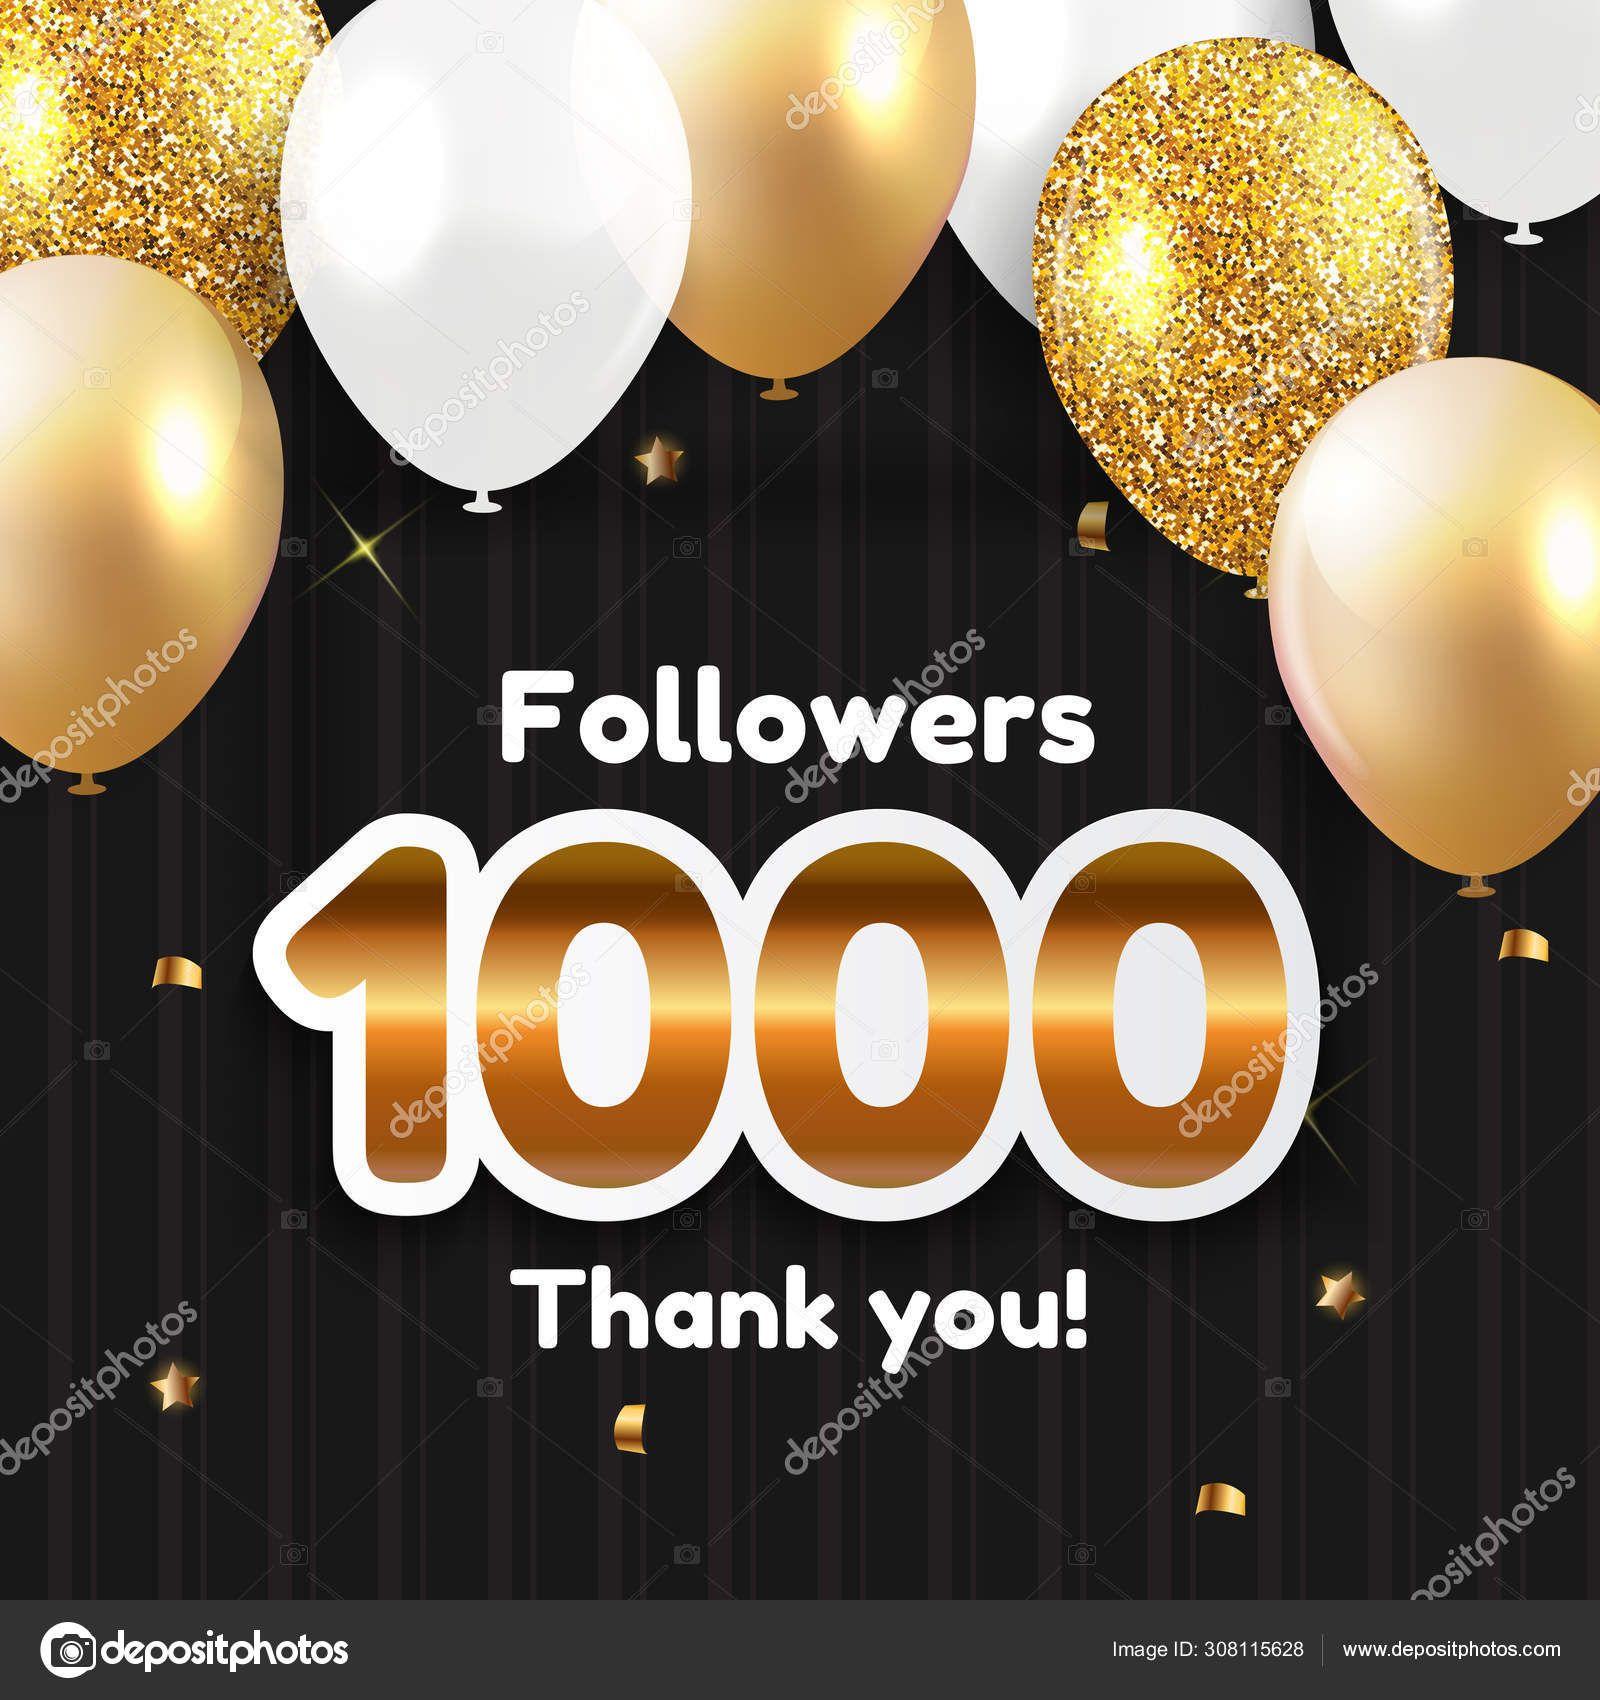 1000 Seguidores, Obrigado Fundo para amigos de redes sociais. Ilustração vetorial eps10